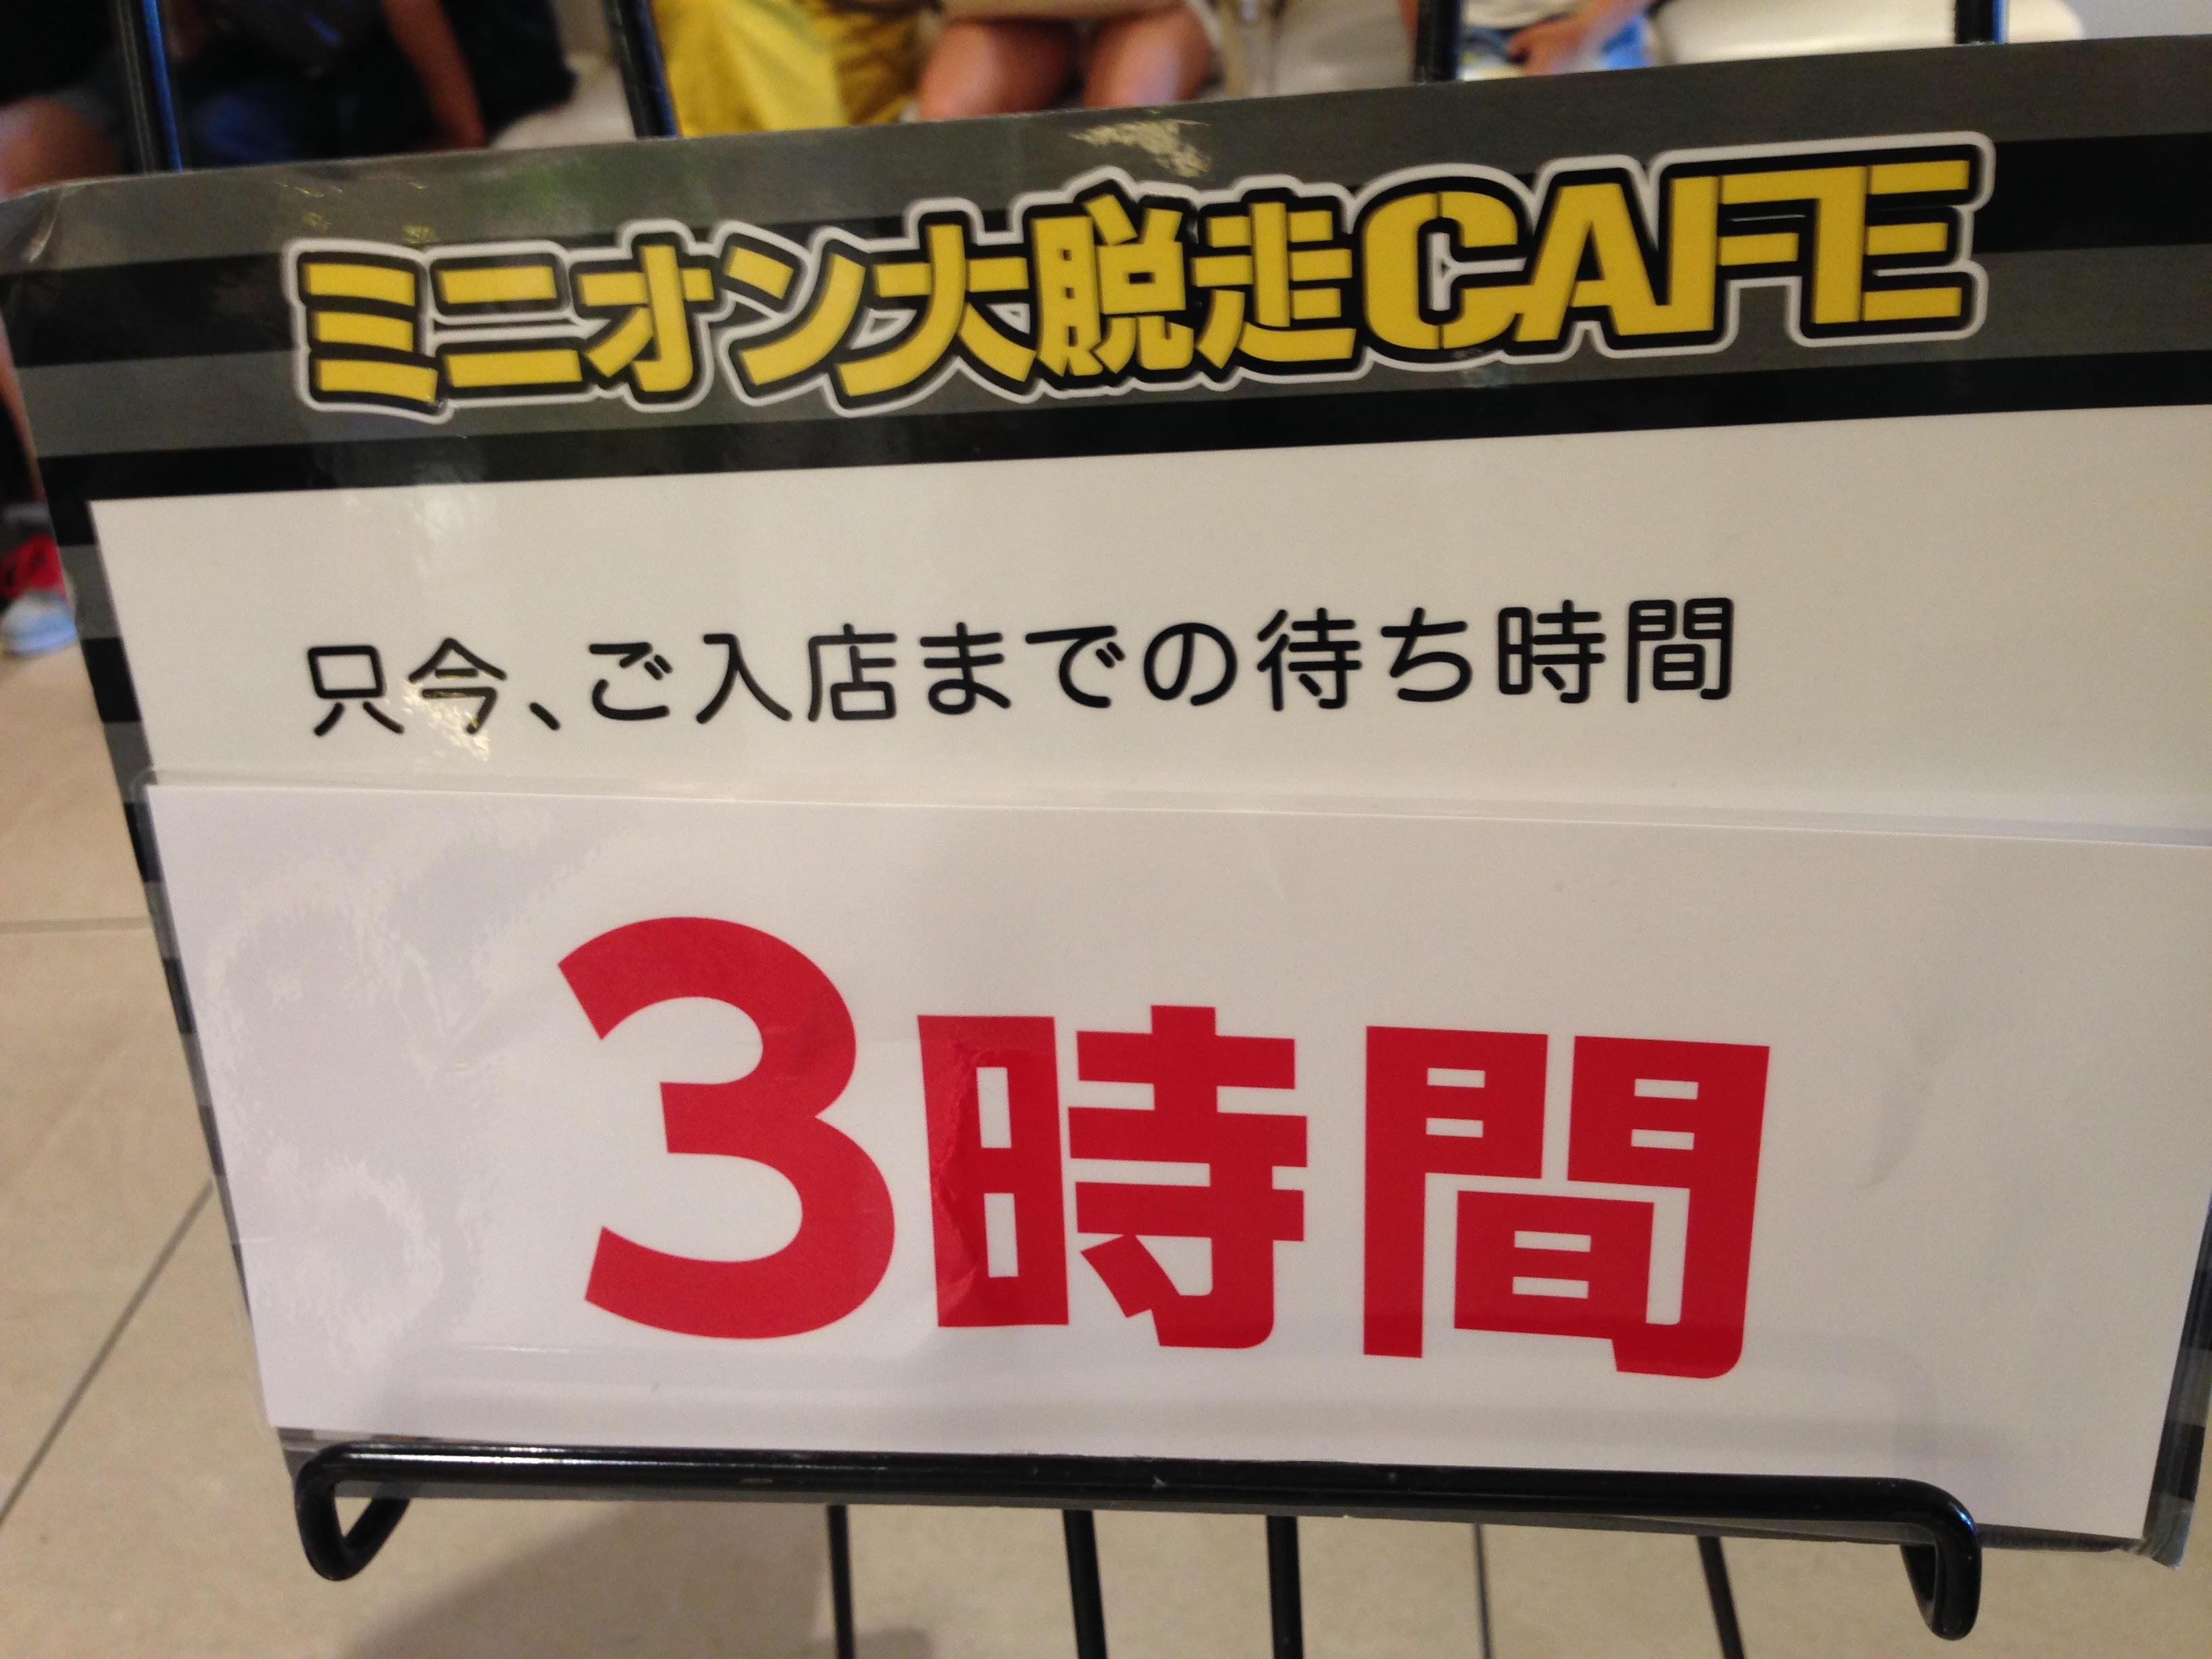 【実際に行った感想】ミニオンカフェは混雑!名古屋の待ち時間は?